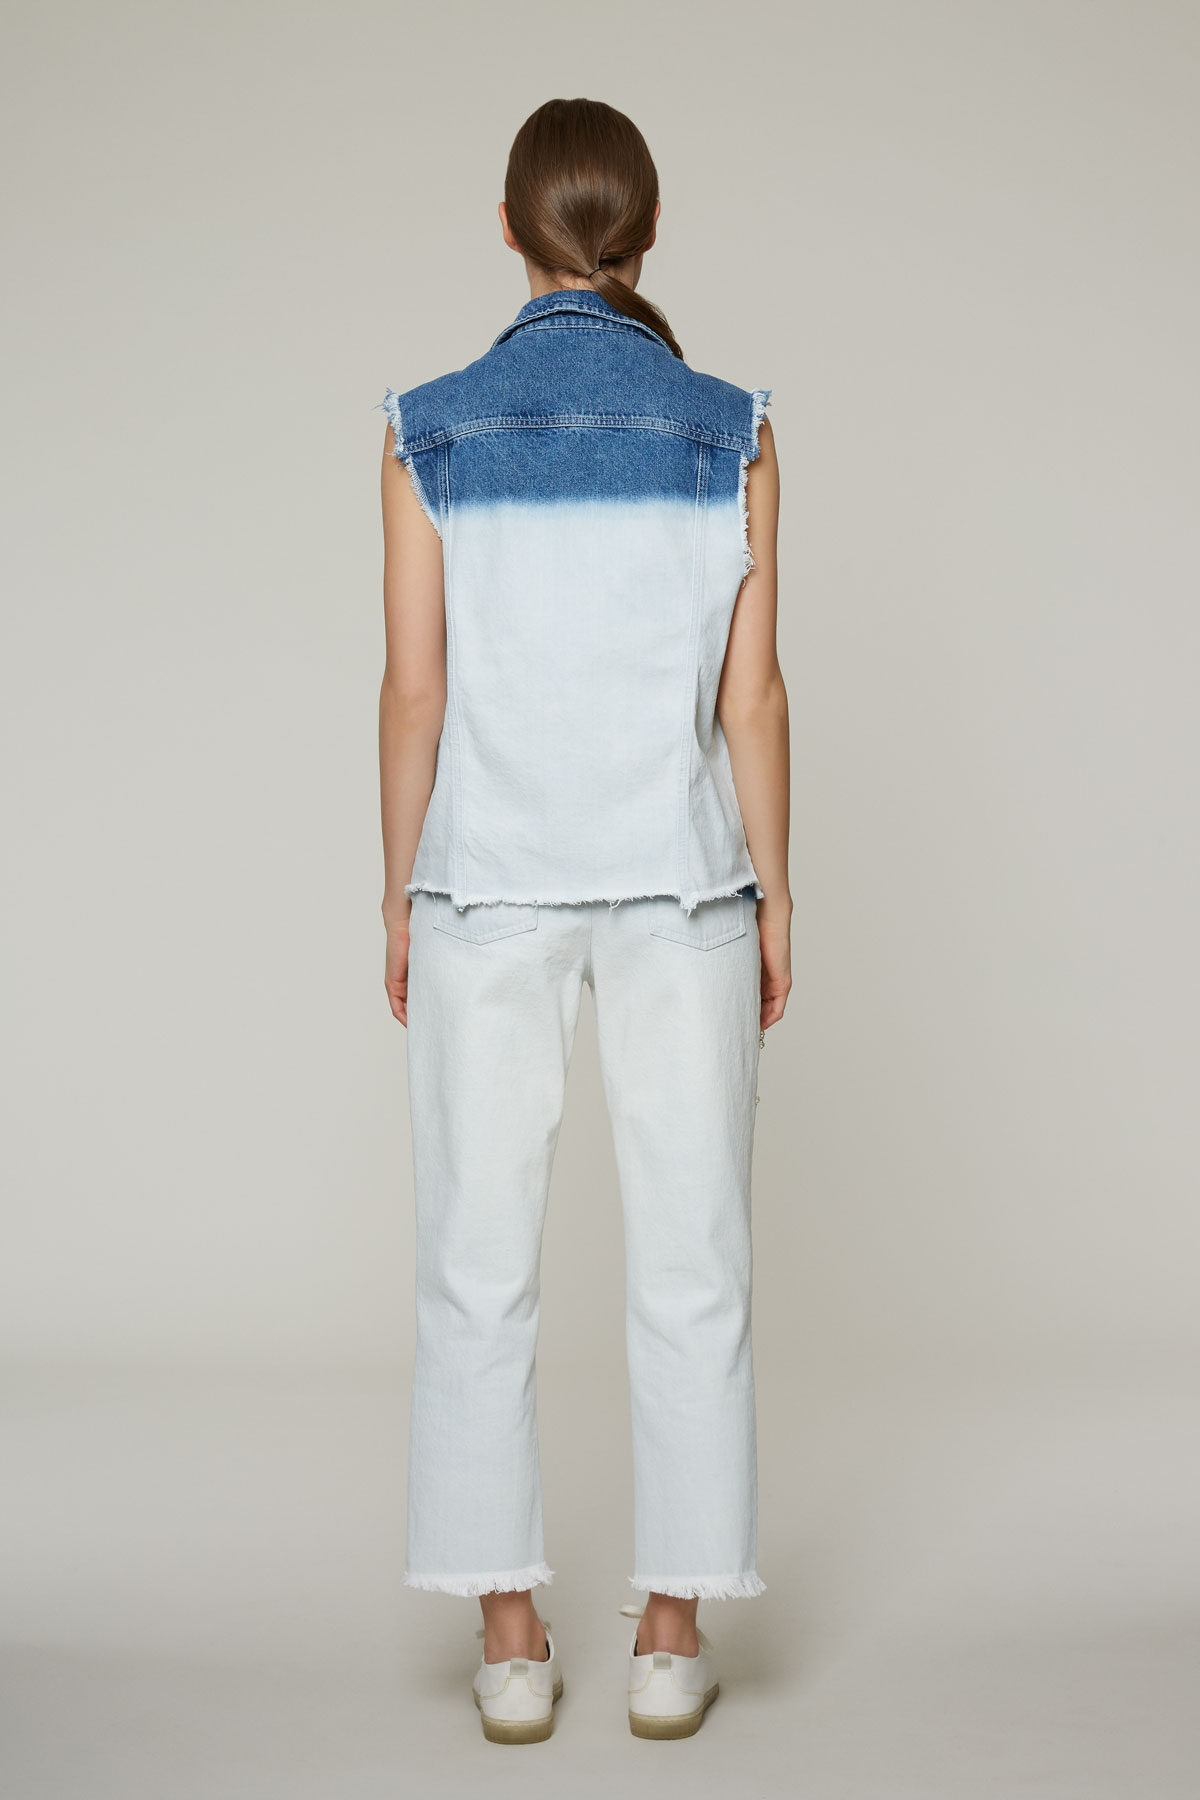 İki Renk Yıkamalı, Taş İşlemeli Jean Pantolon